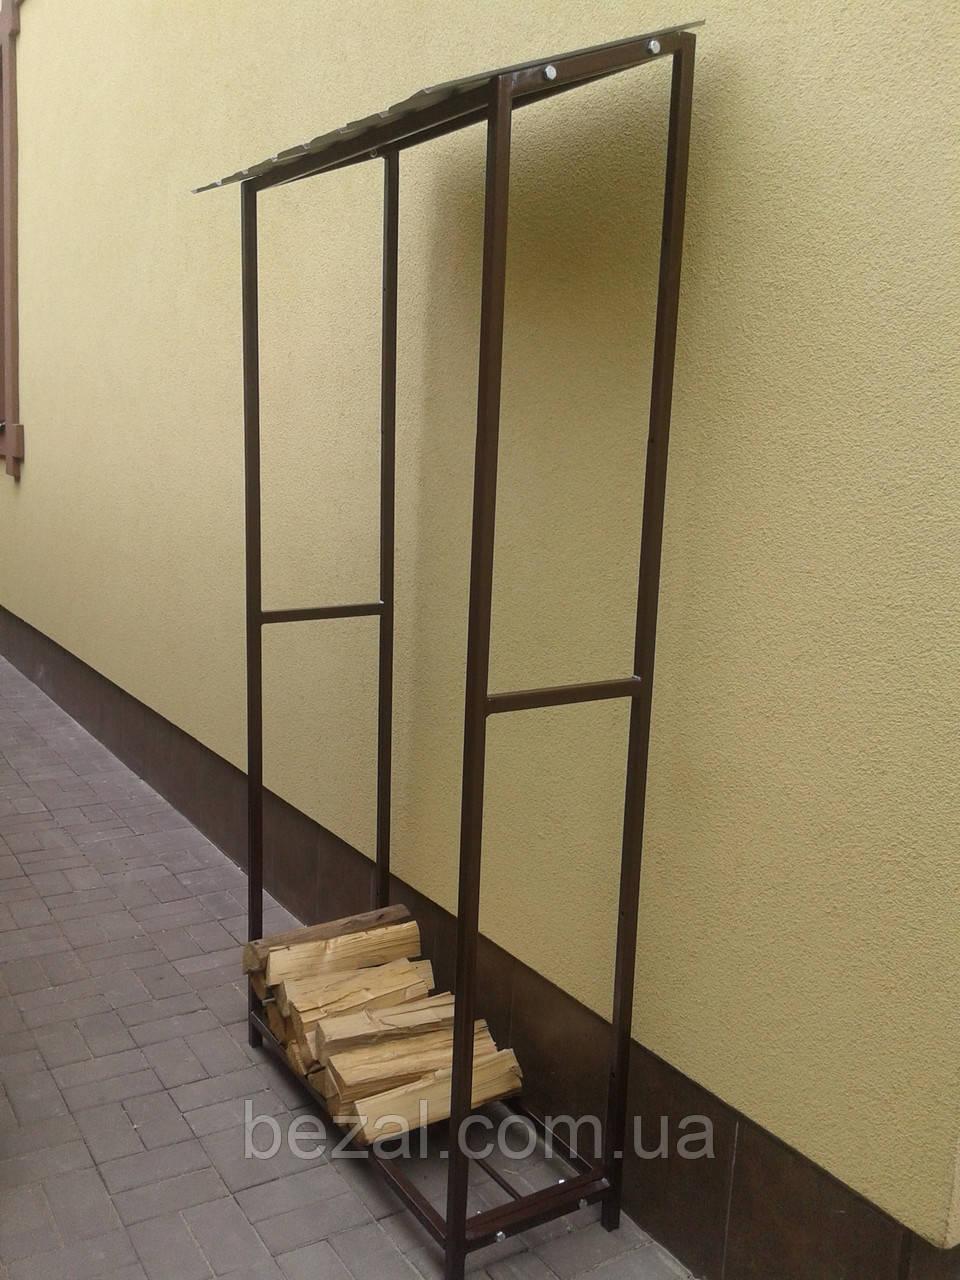 Дровница одинарная металлическая для дров разборная с крышей - ТМ BEZAL (ТМ Безал) в Запорожье